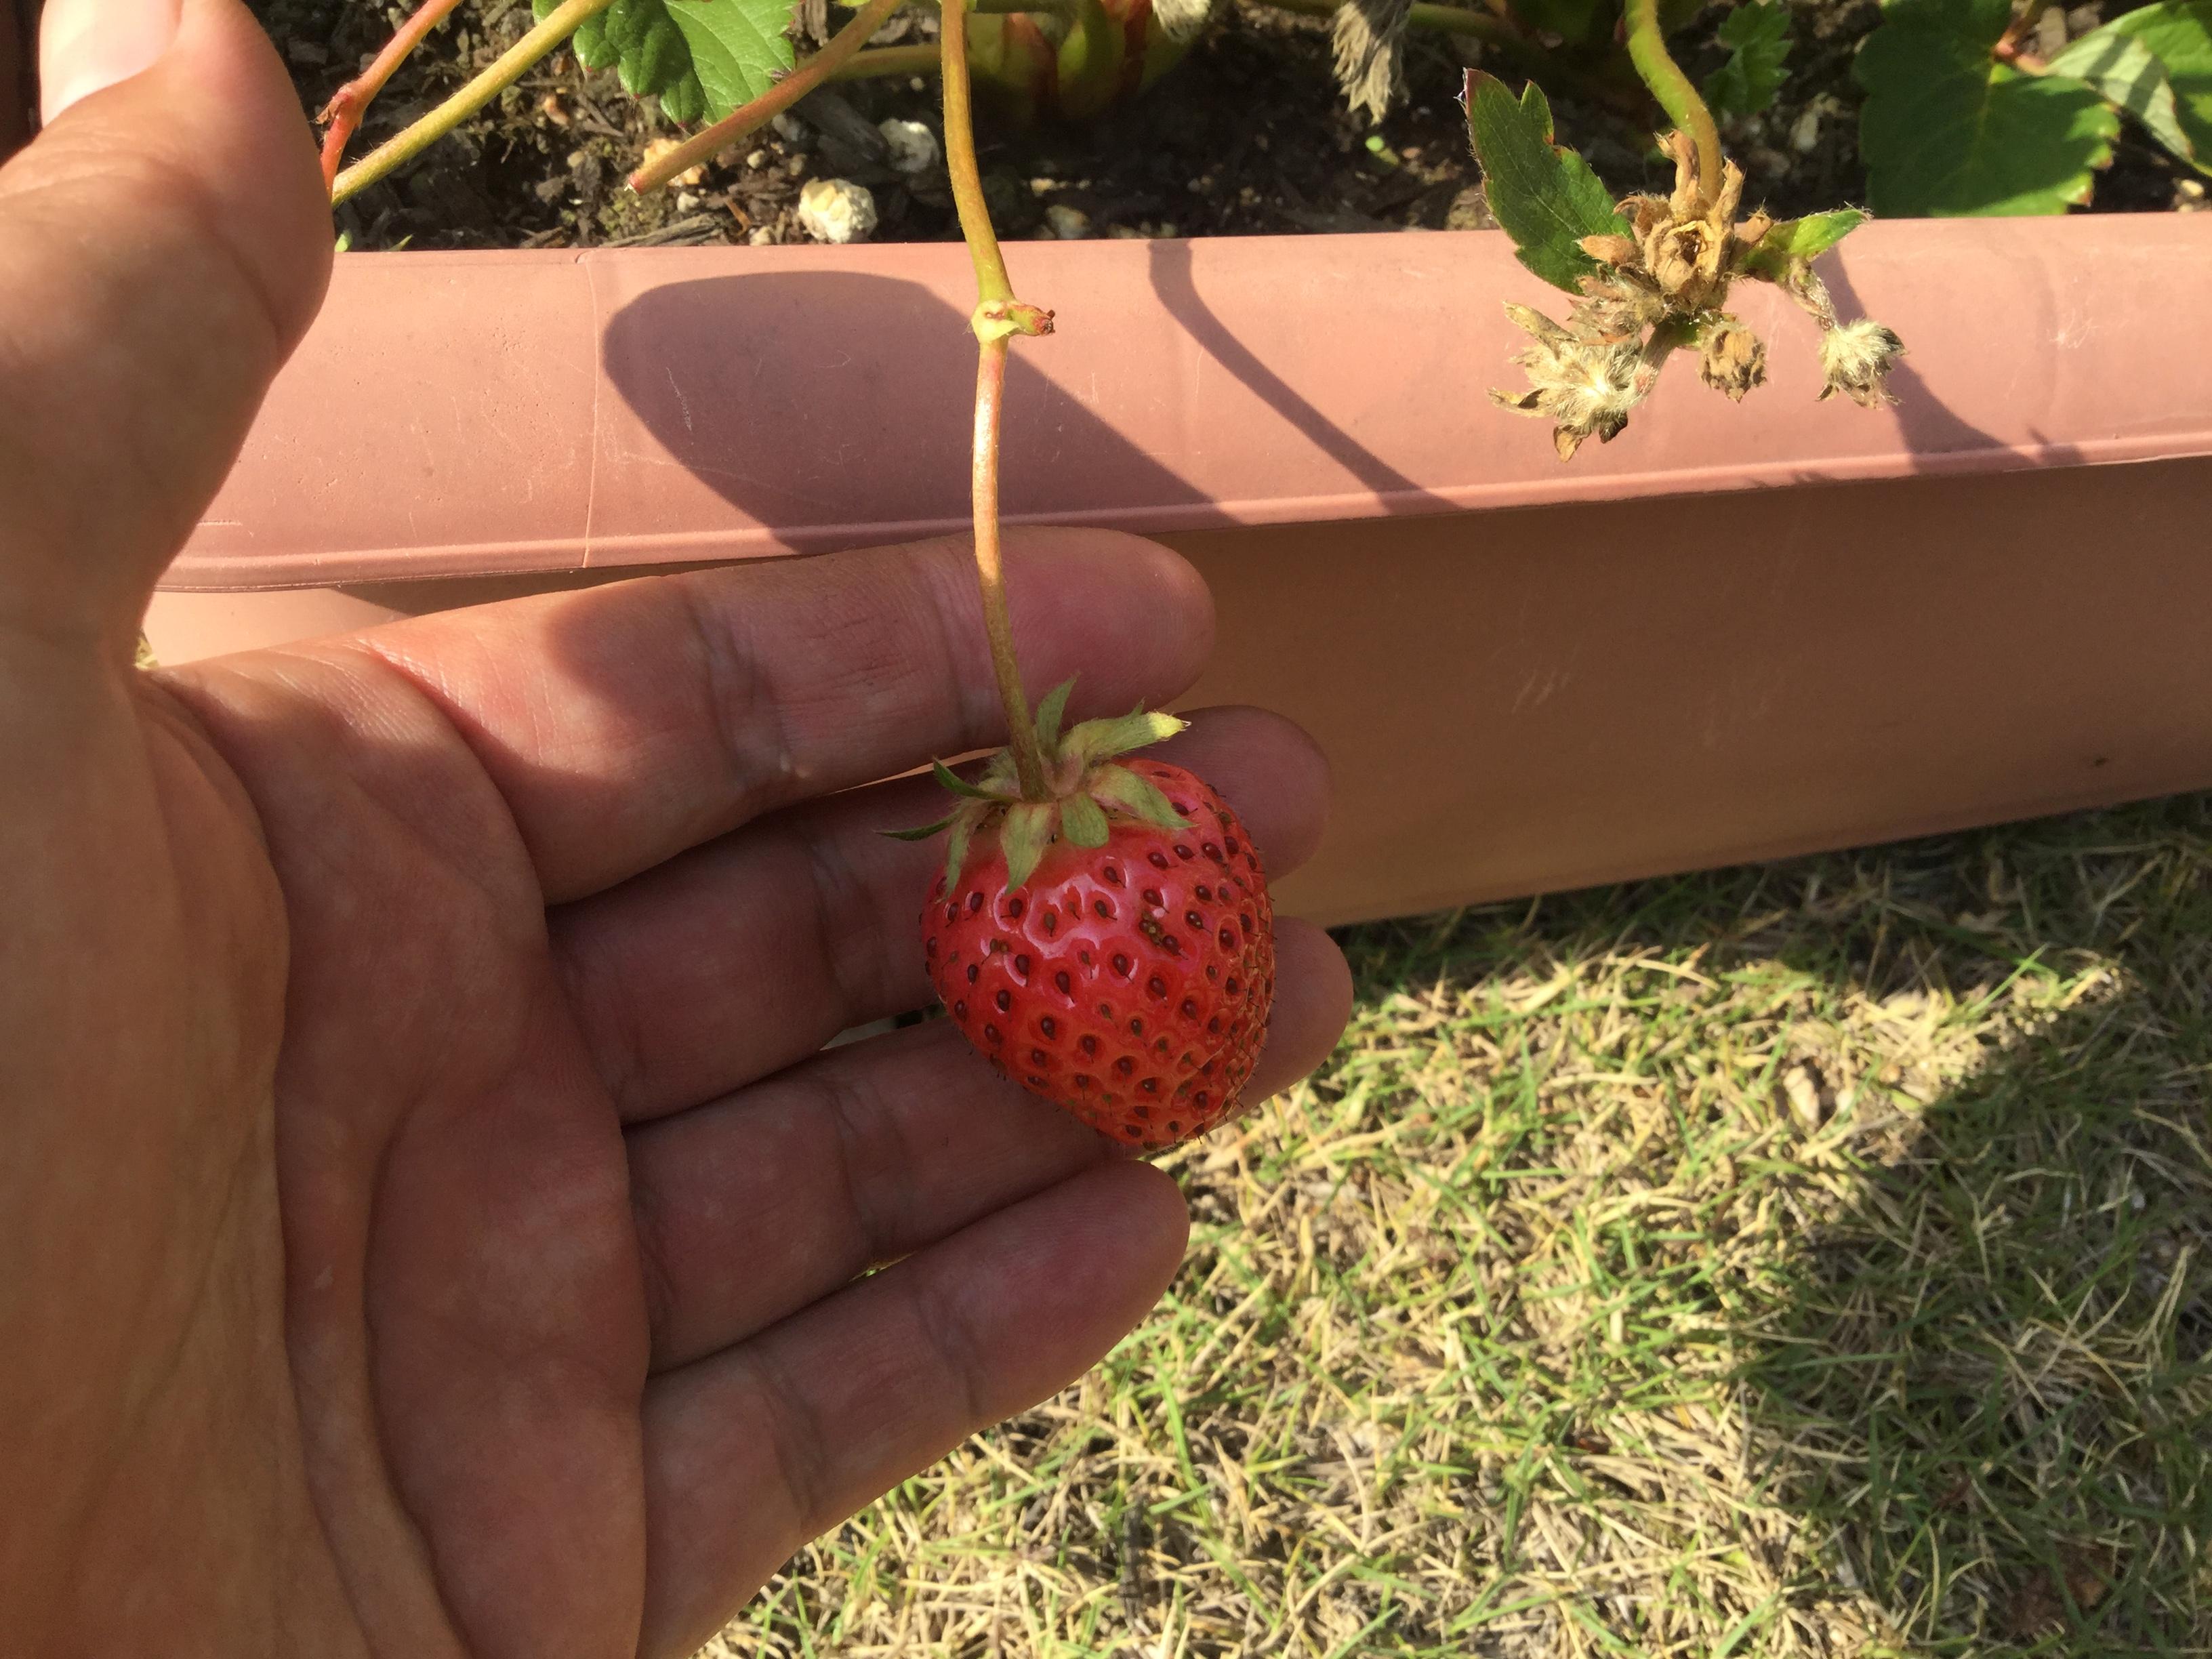 イチゴの収穫は害虫との戦い!